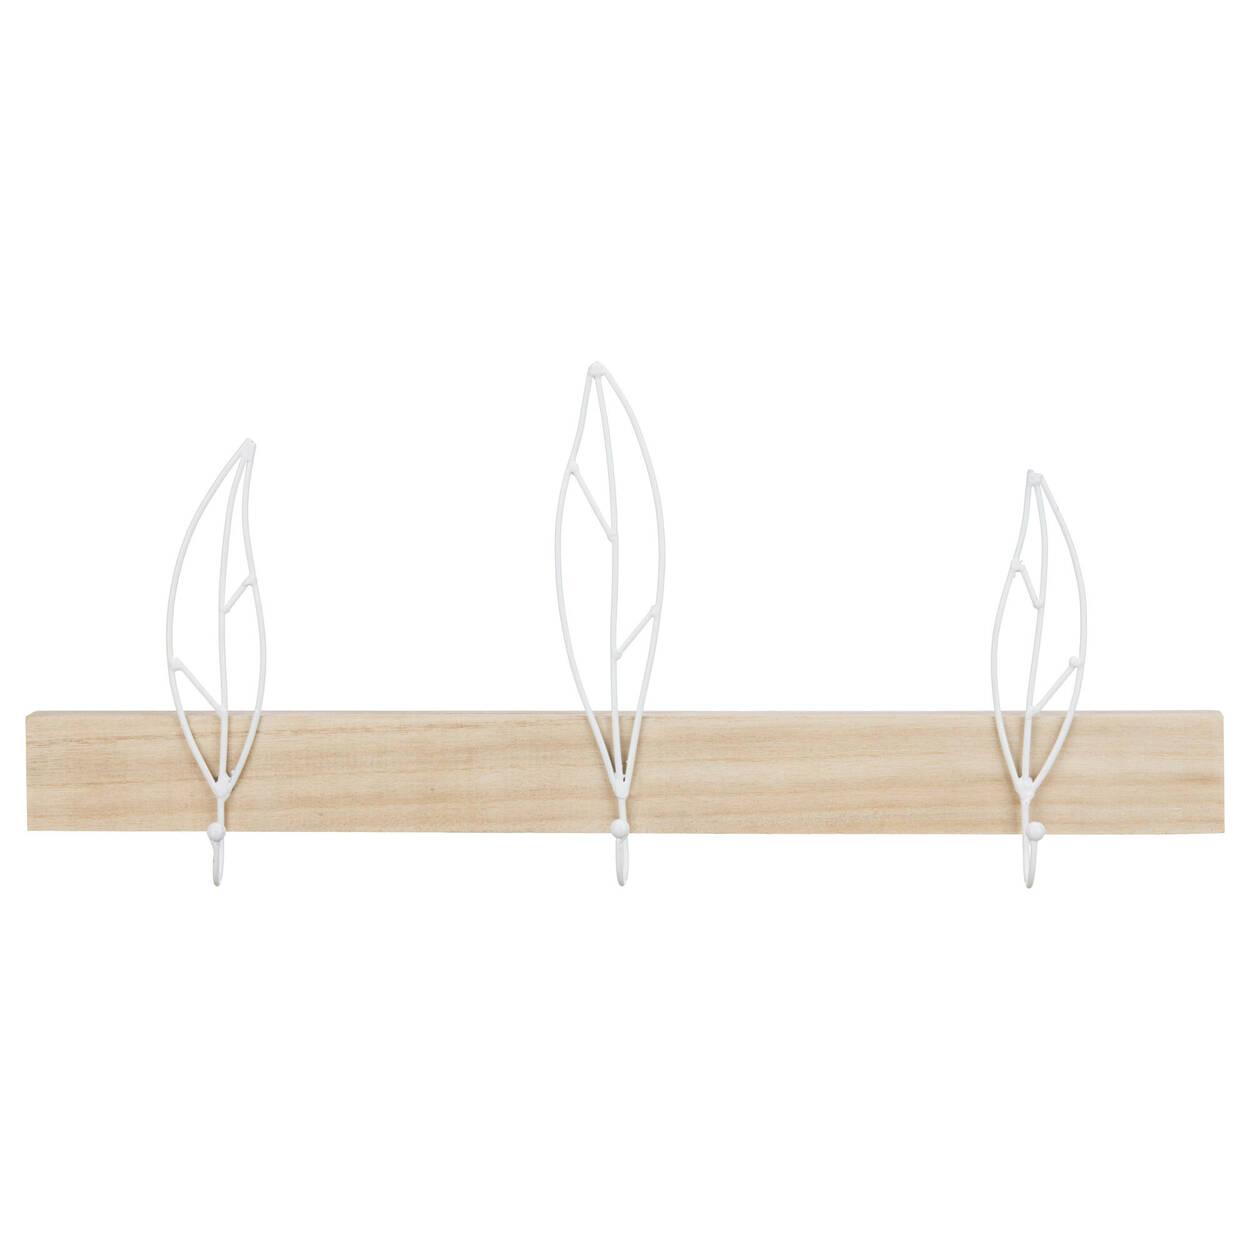 Set of 3 Leaf Hooks on Wall Plaque